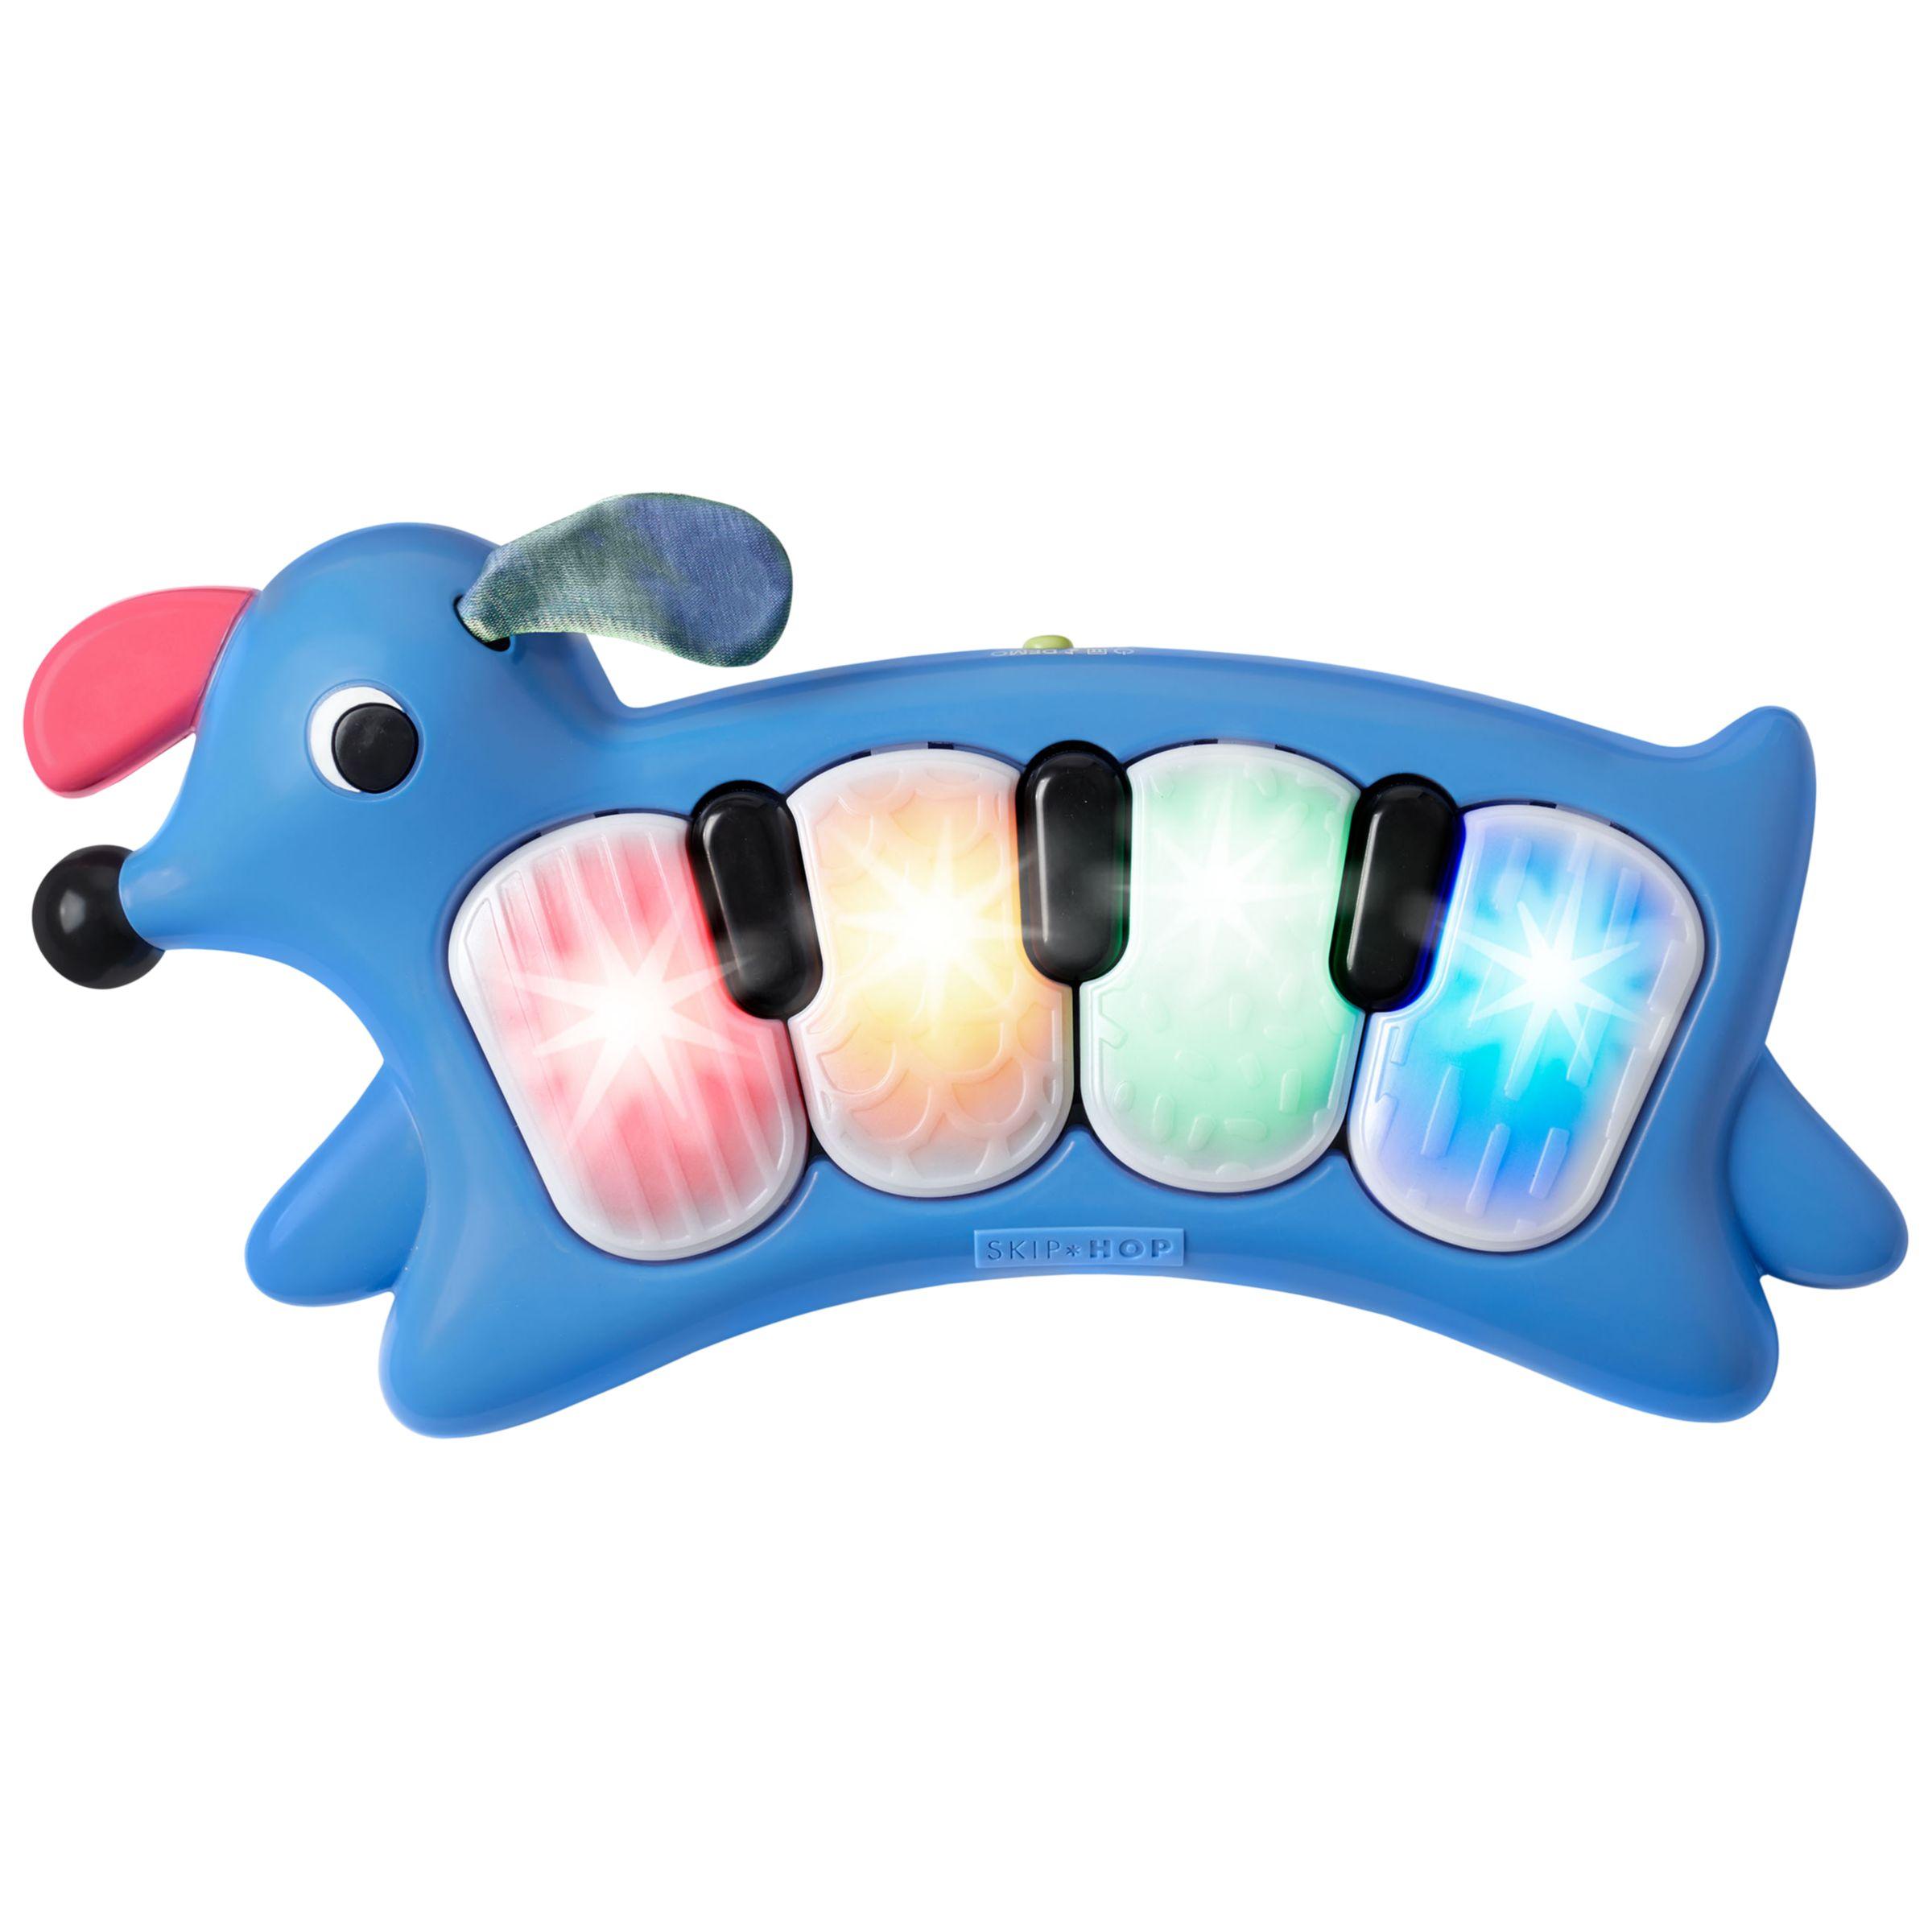 Skip Hop Skip Hop Vibrant Village Light-Up Dog